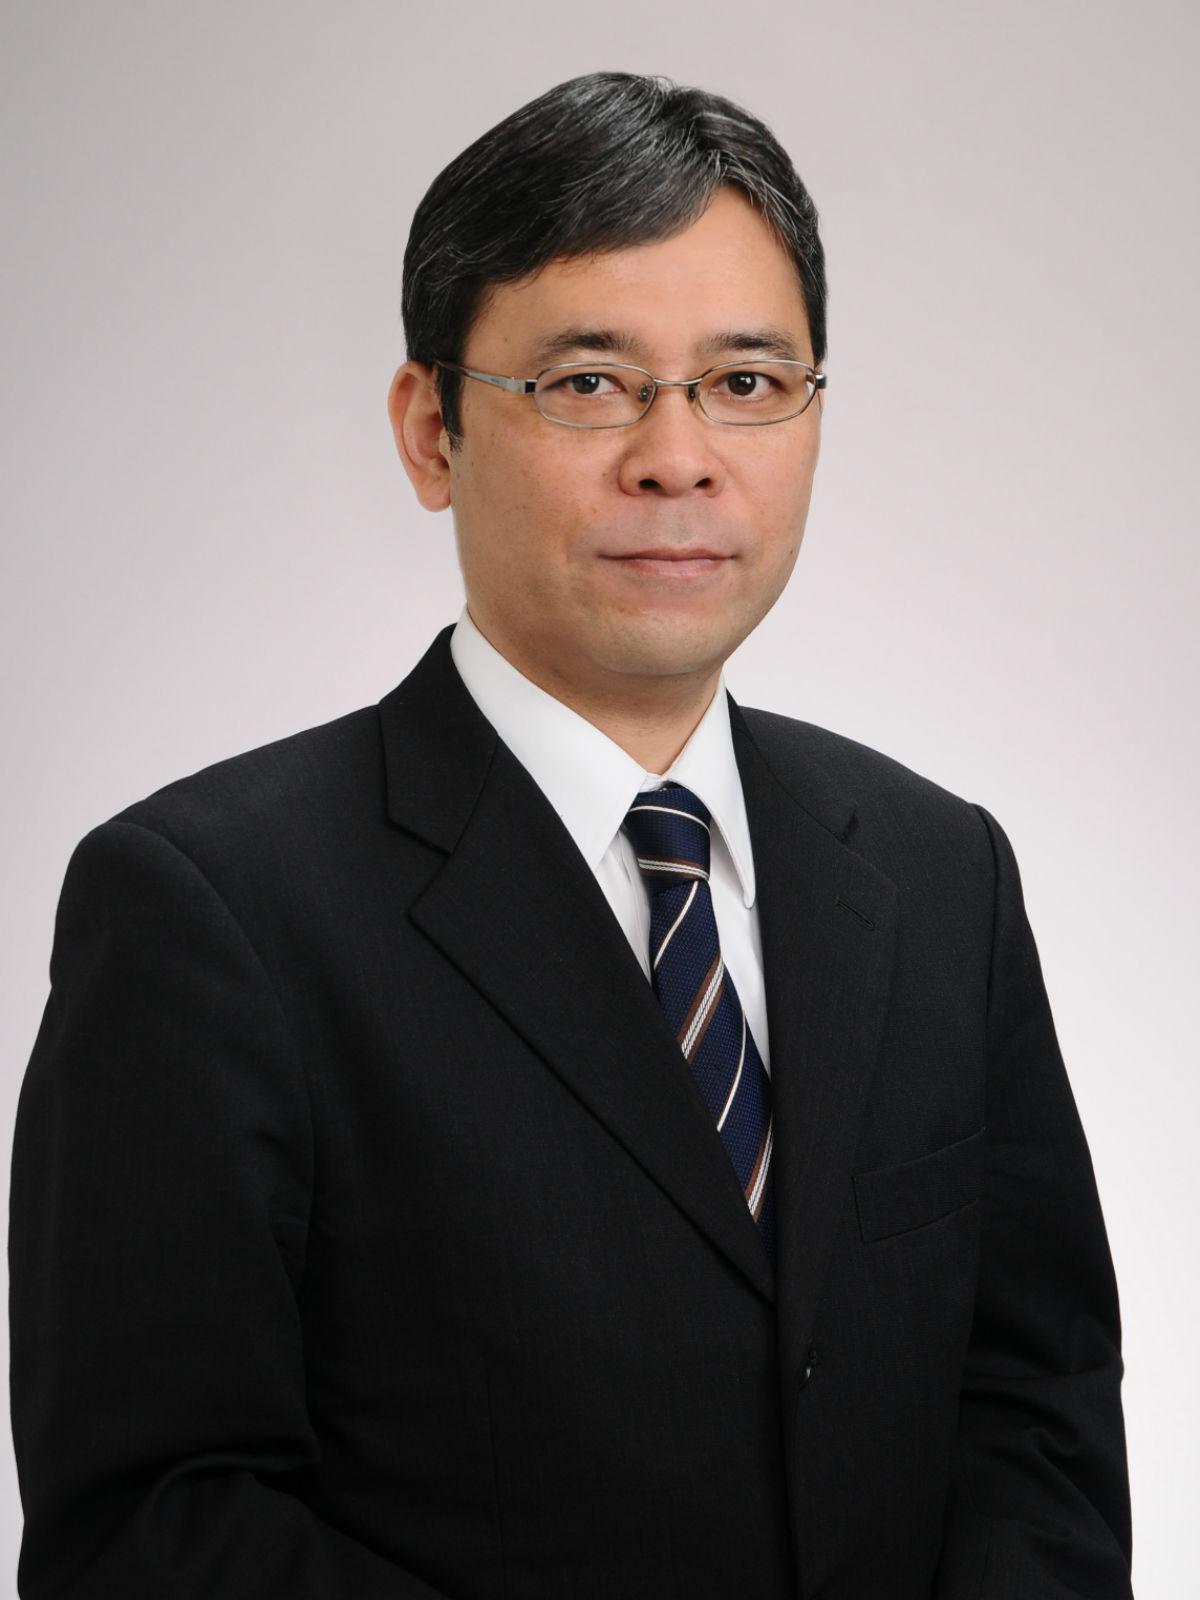 福場 健太郎 氏